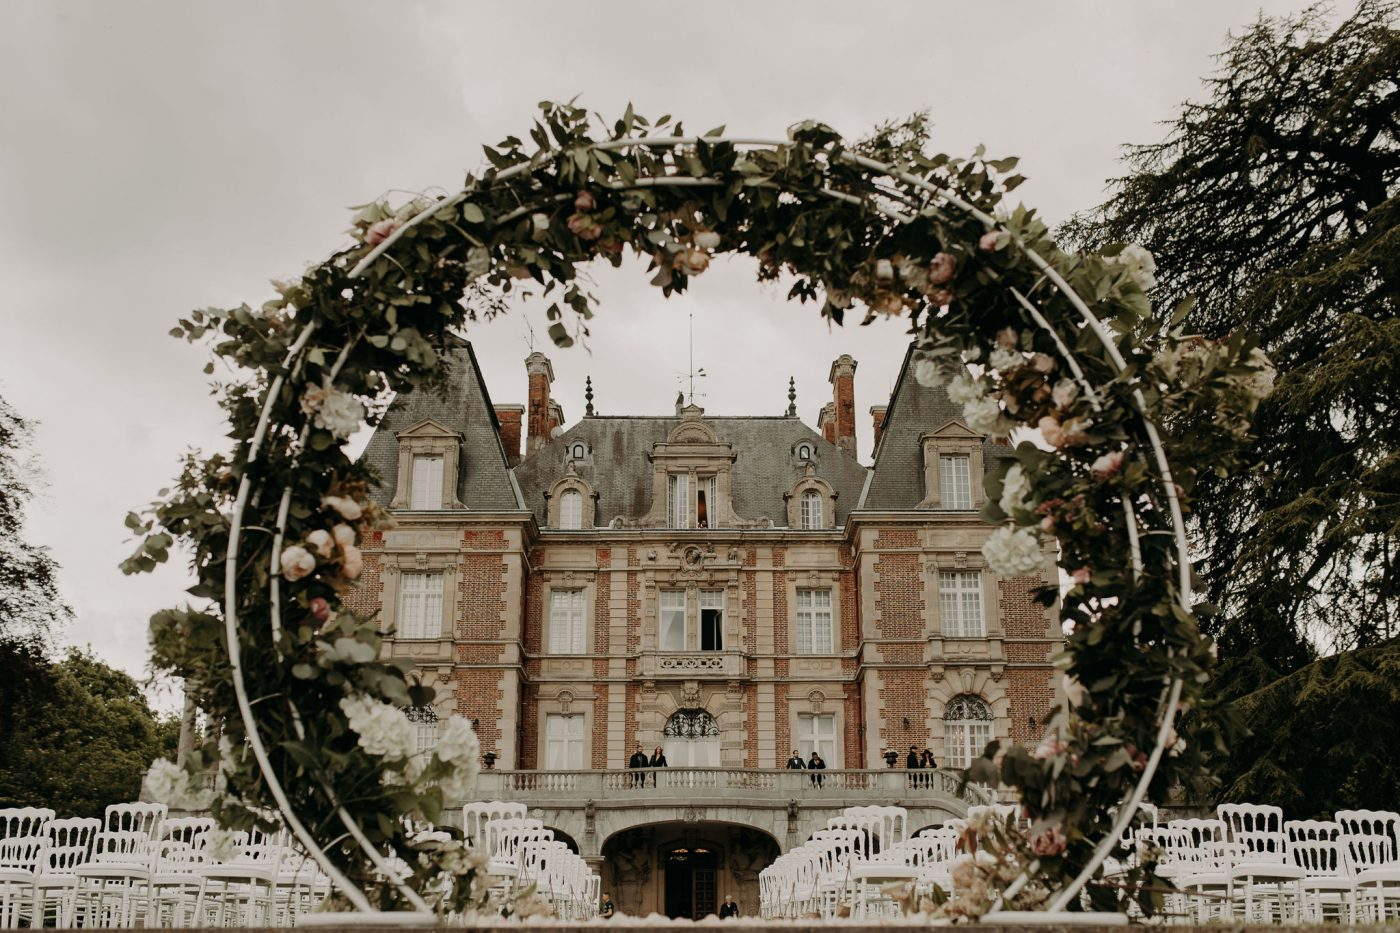 Château Bouffémont Wedding Venue